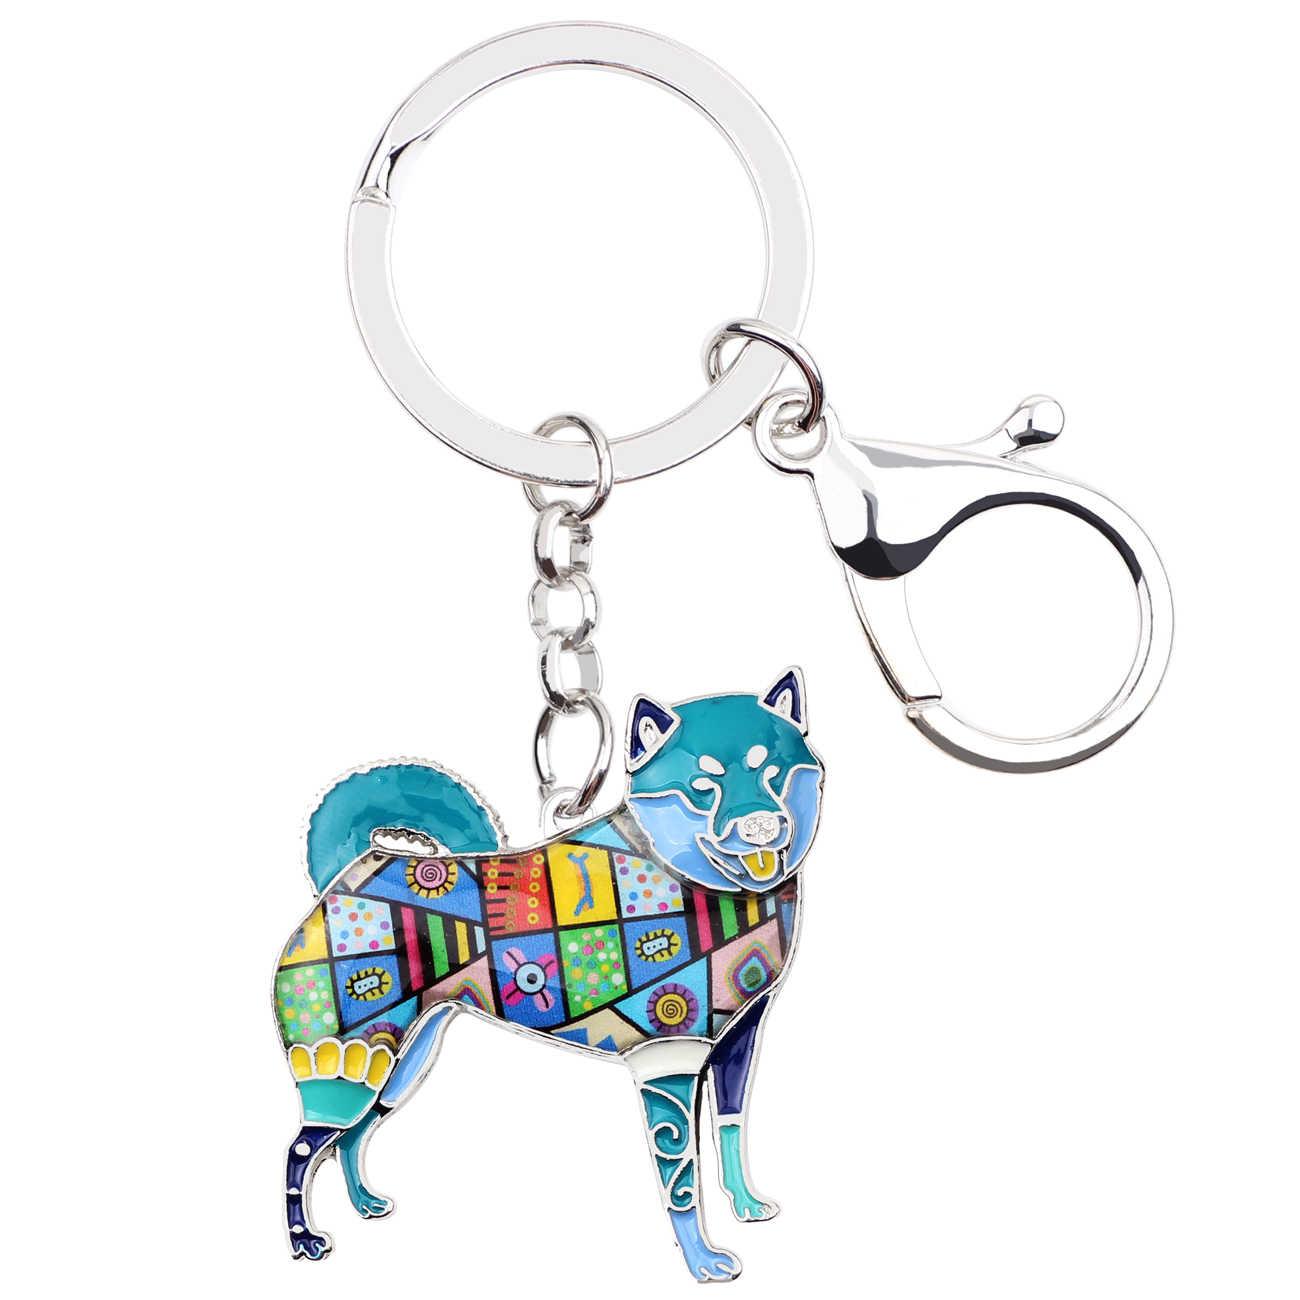 Bonsny Kim Loại Shiba Inu Chìa Khóa Vòng Chìa Khóa Túi Quyến Rũ Men Dog Keychain Phụ Kiện Lưu Niệm Thời Trang Animal Trang Sức Cho Nữ